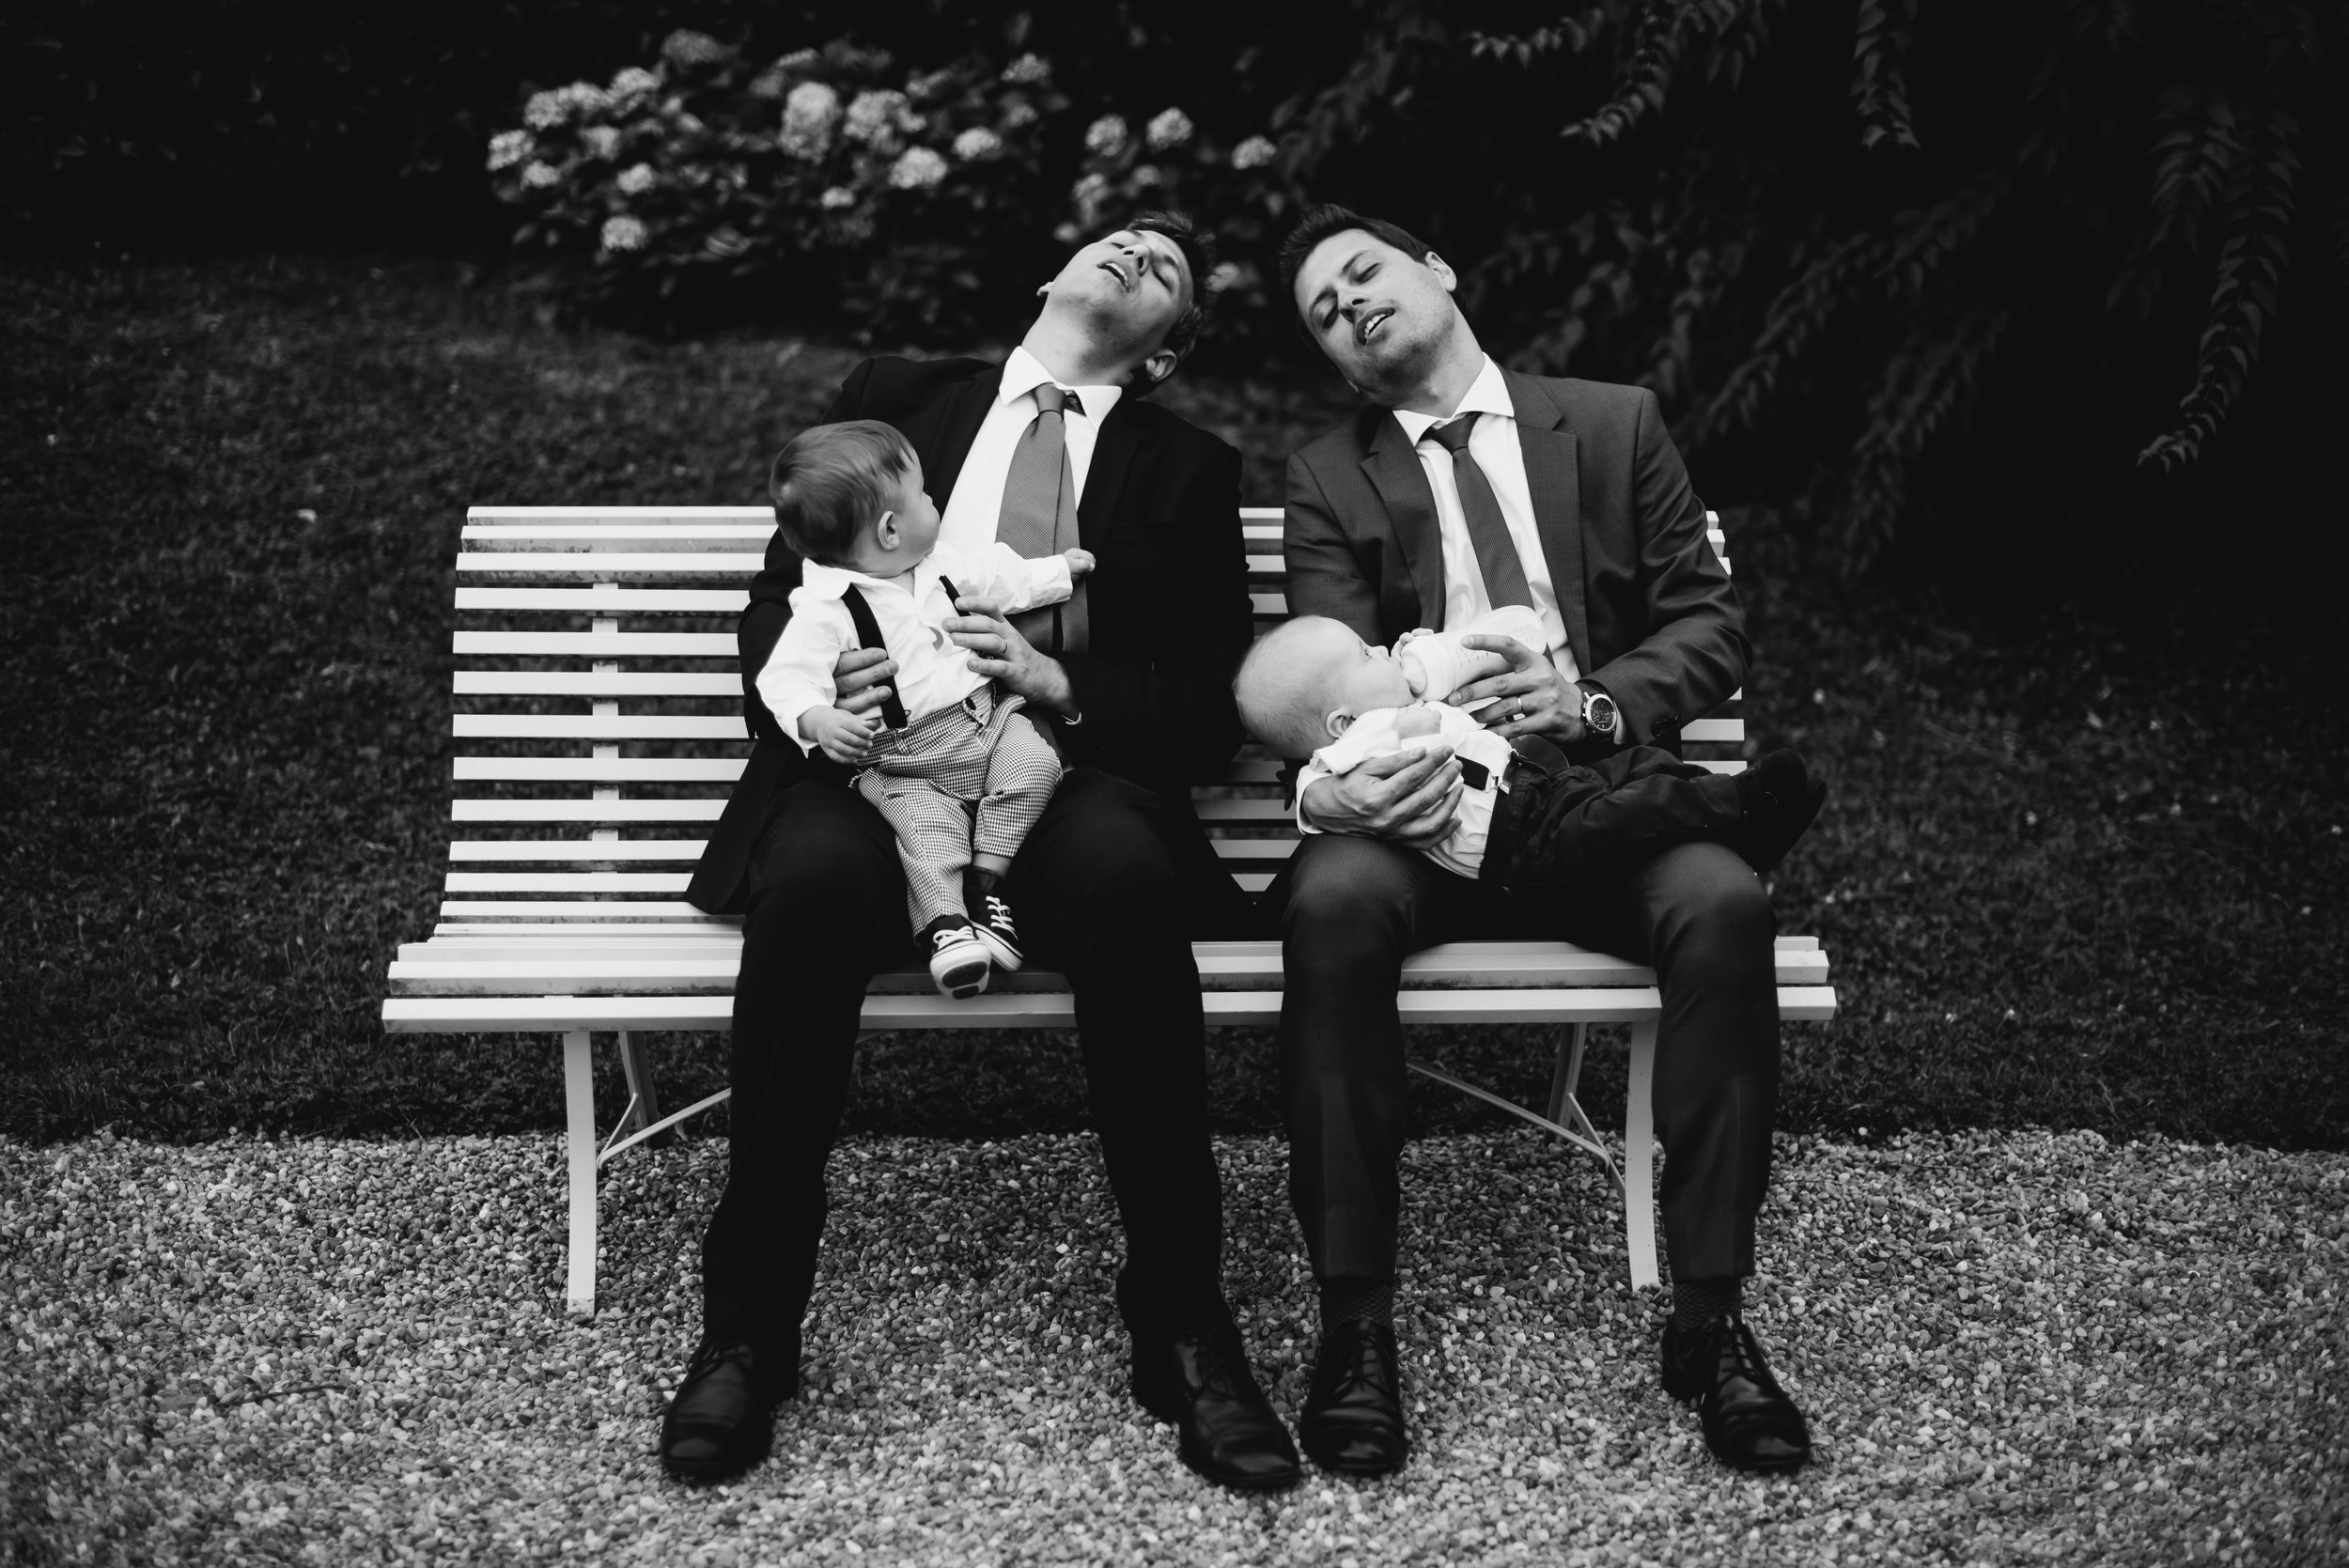 Léa-Fery-photographe-professionnel-lyon-rhone-alpes-portrait-creation-mariage-evenement-evenementiel-famille-1433.jpg